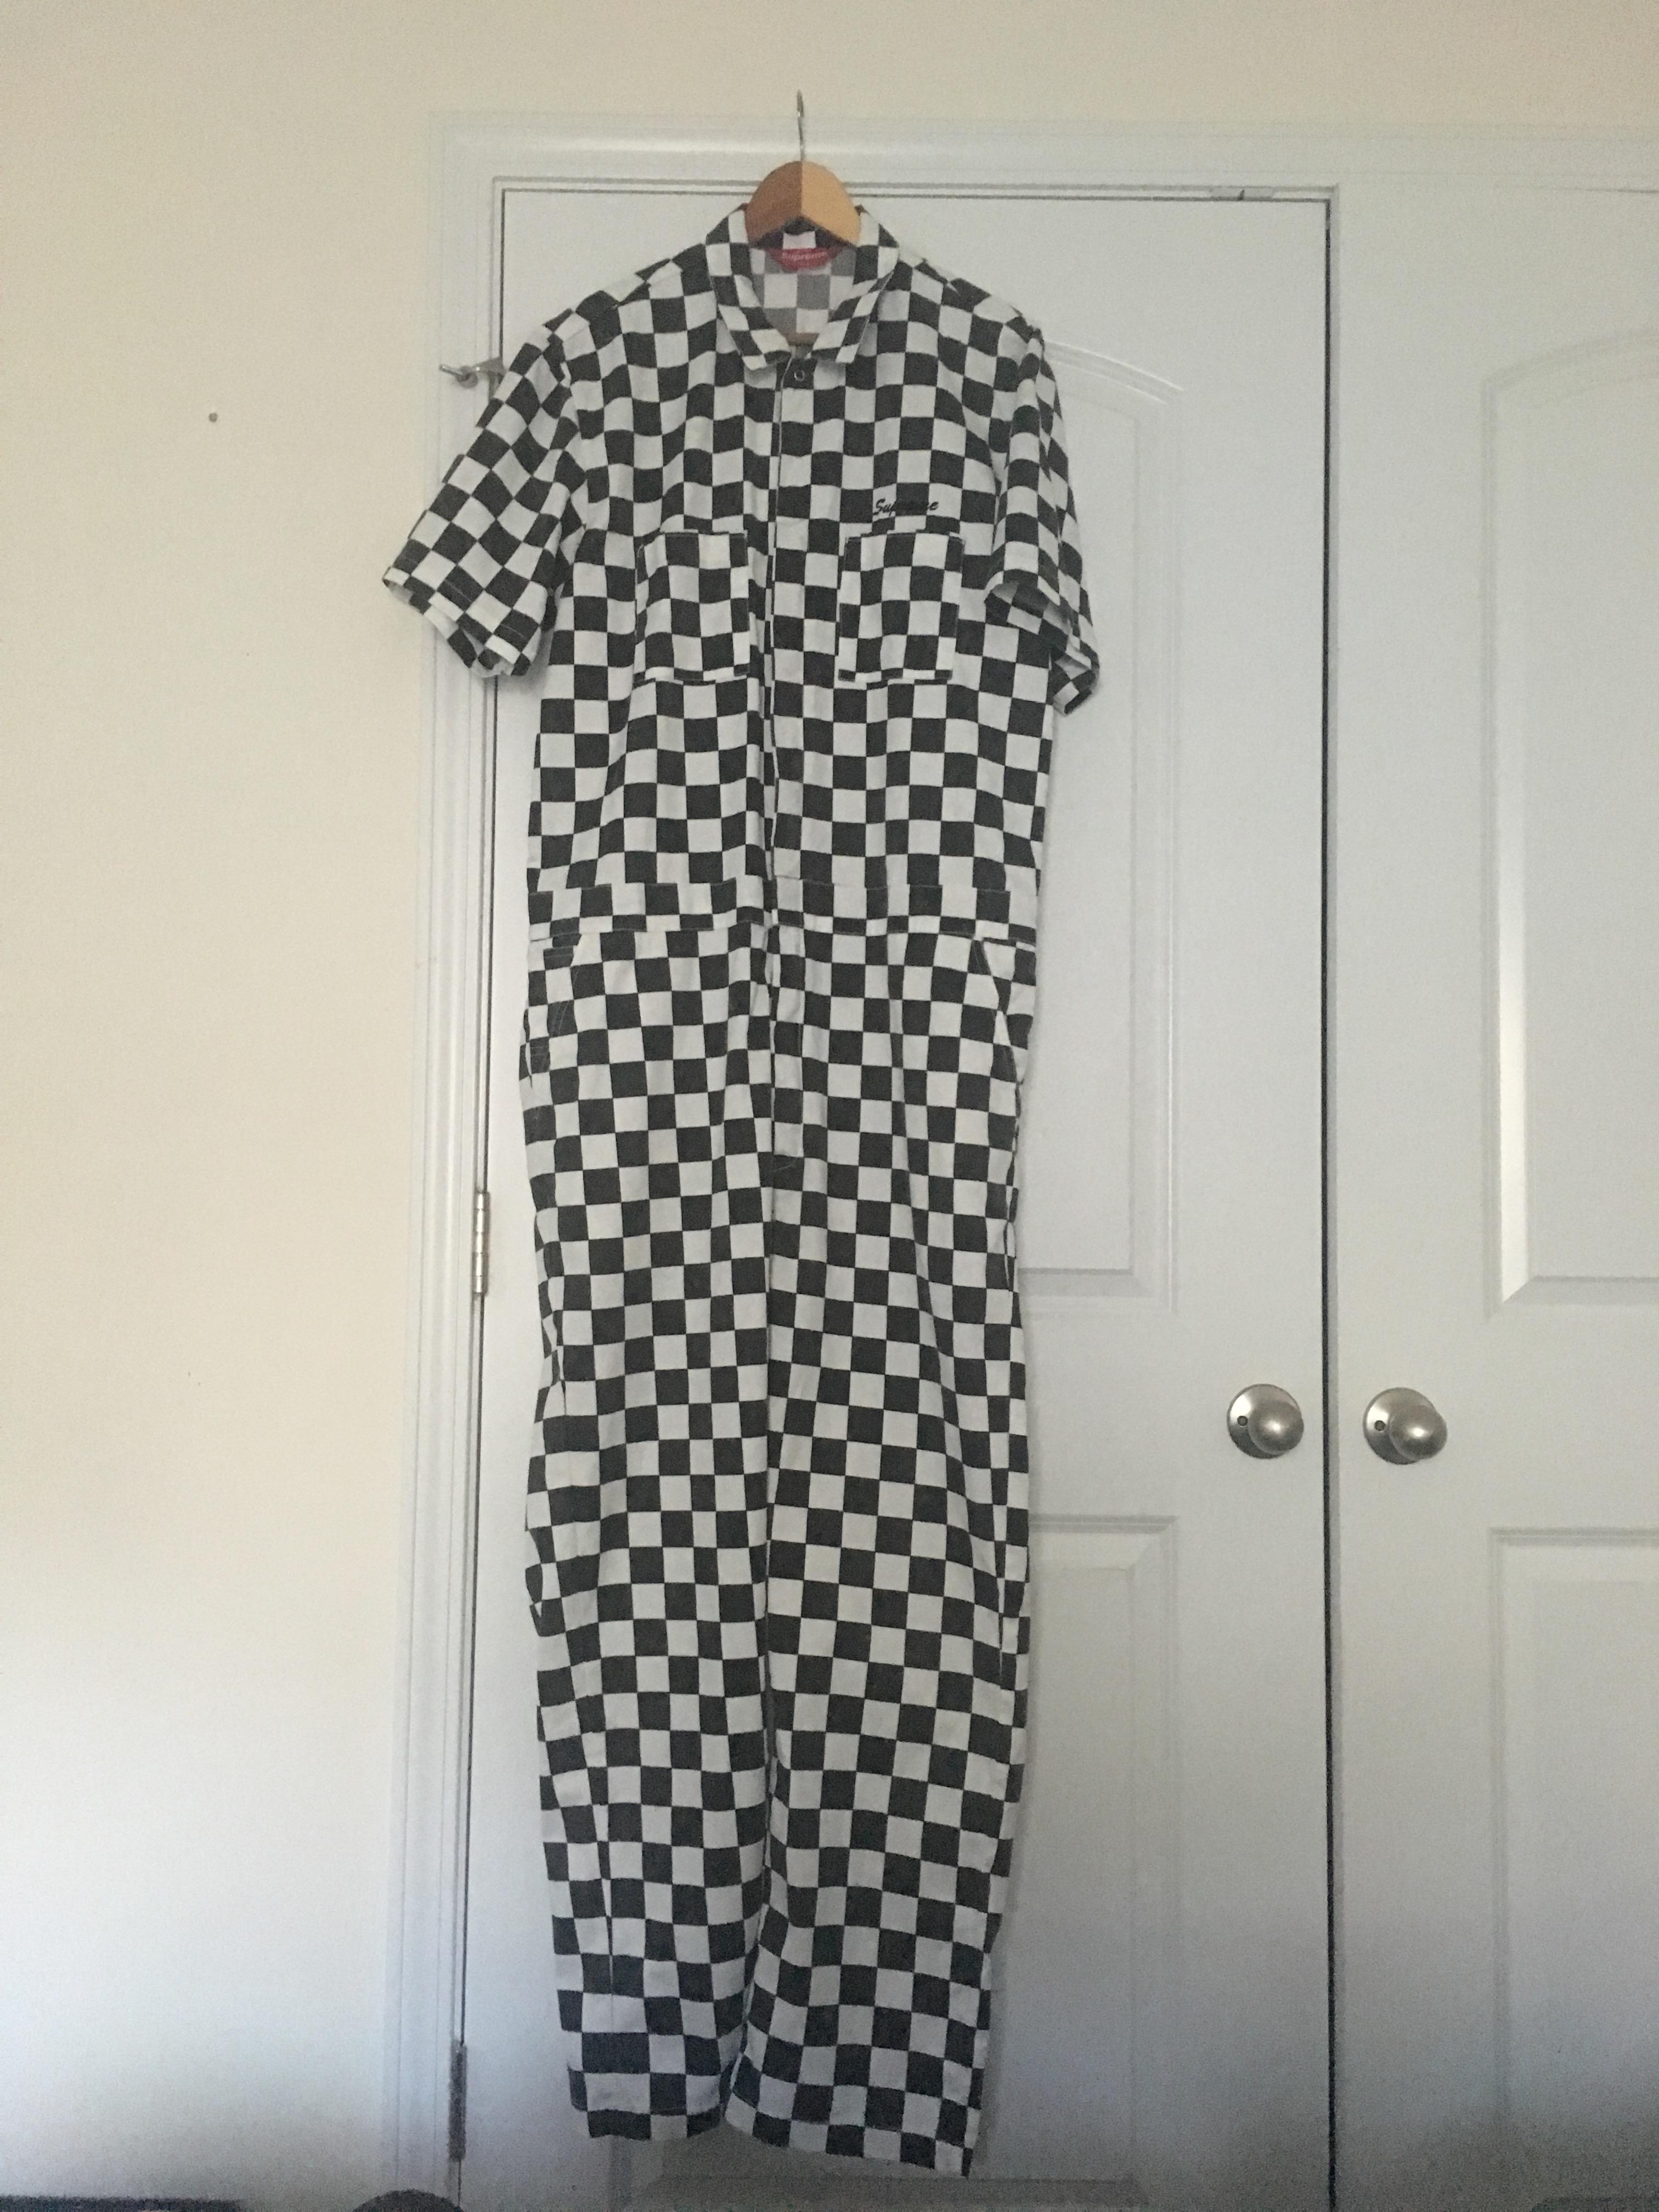 f0a9f5eb48bb Supreme Supreme Checkered Coveralls, Size L Ds   Grailed